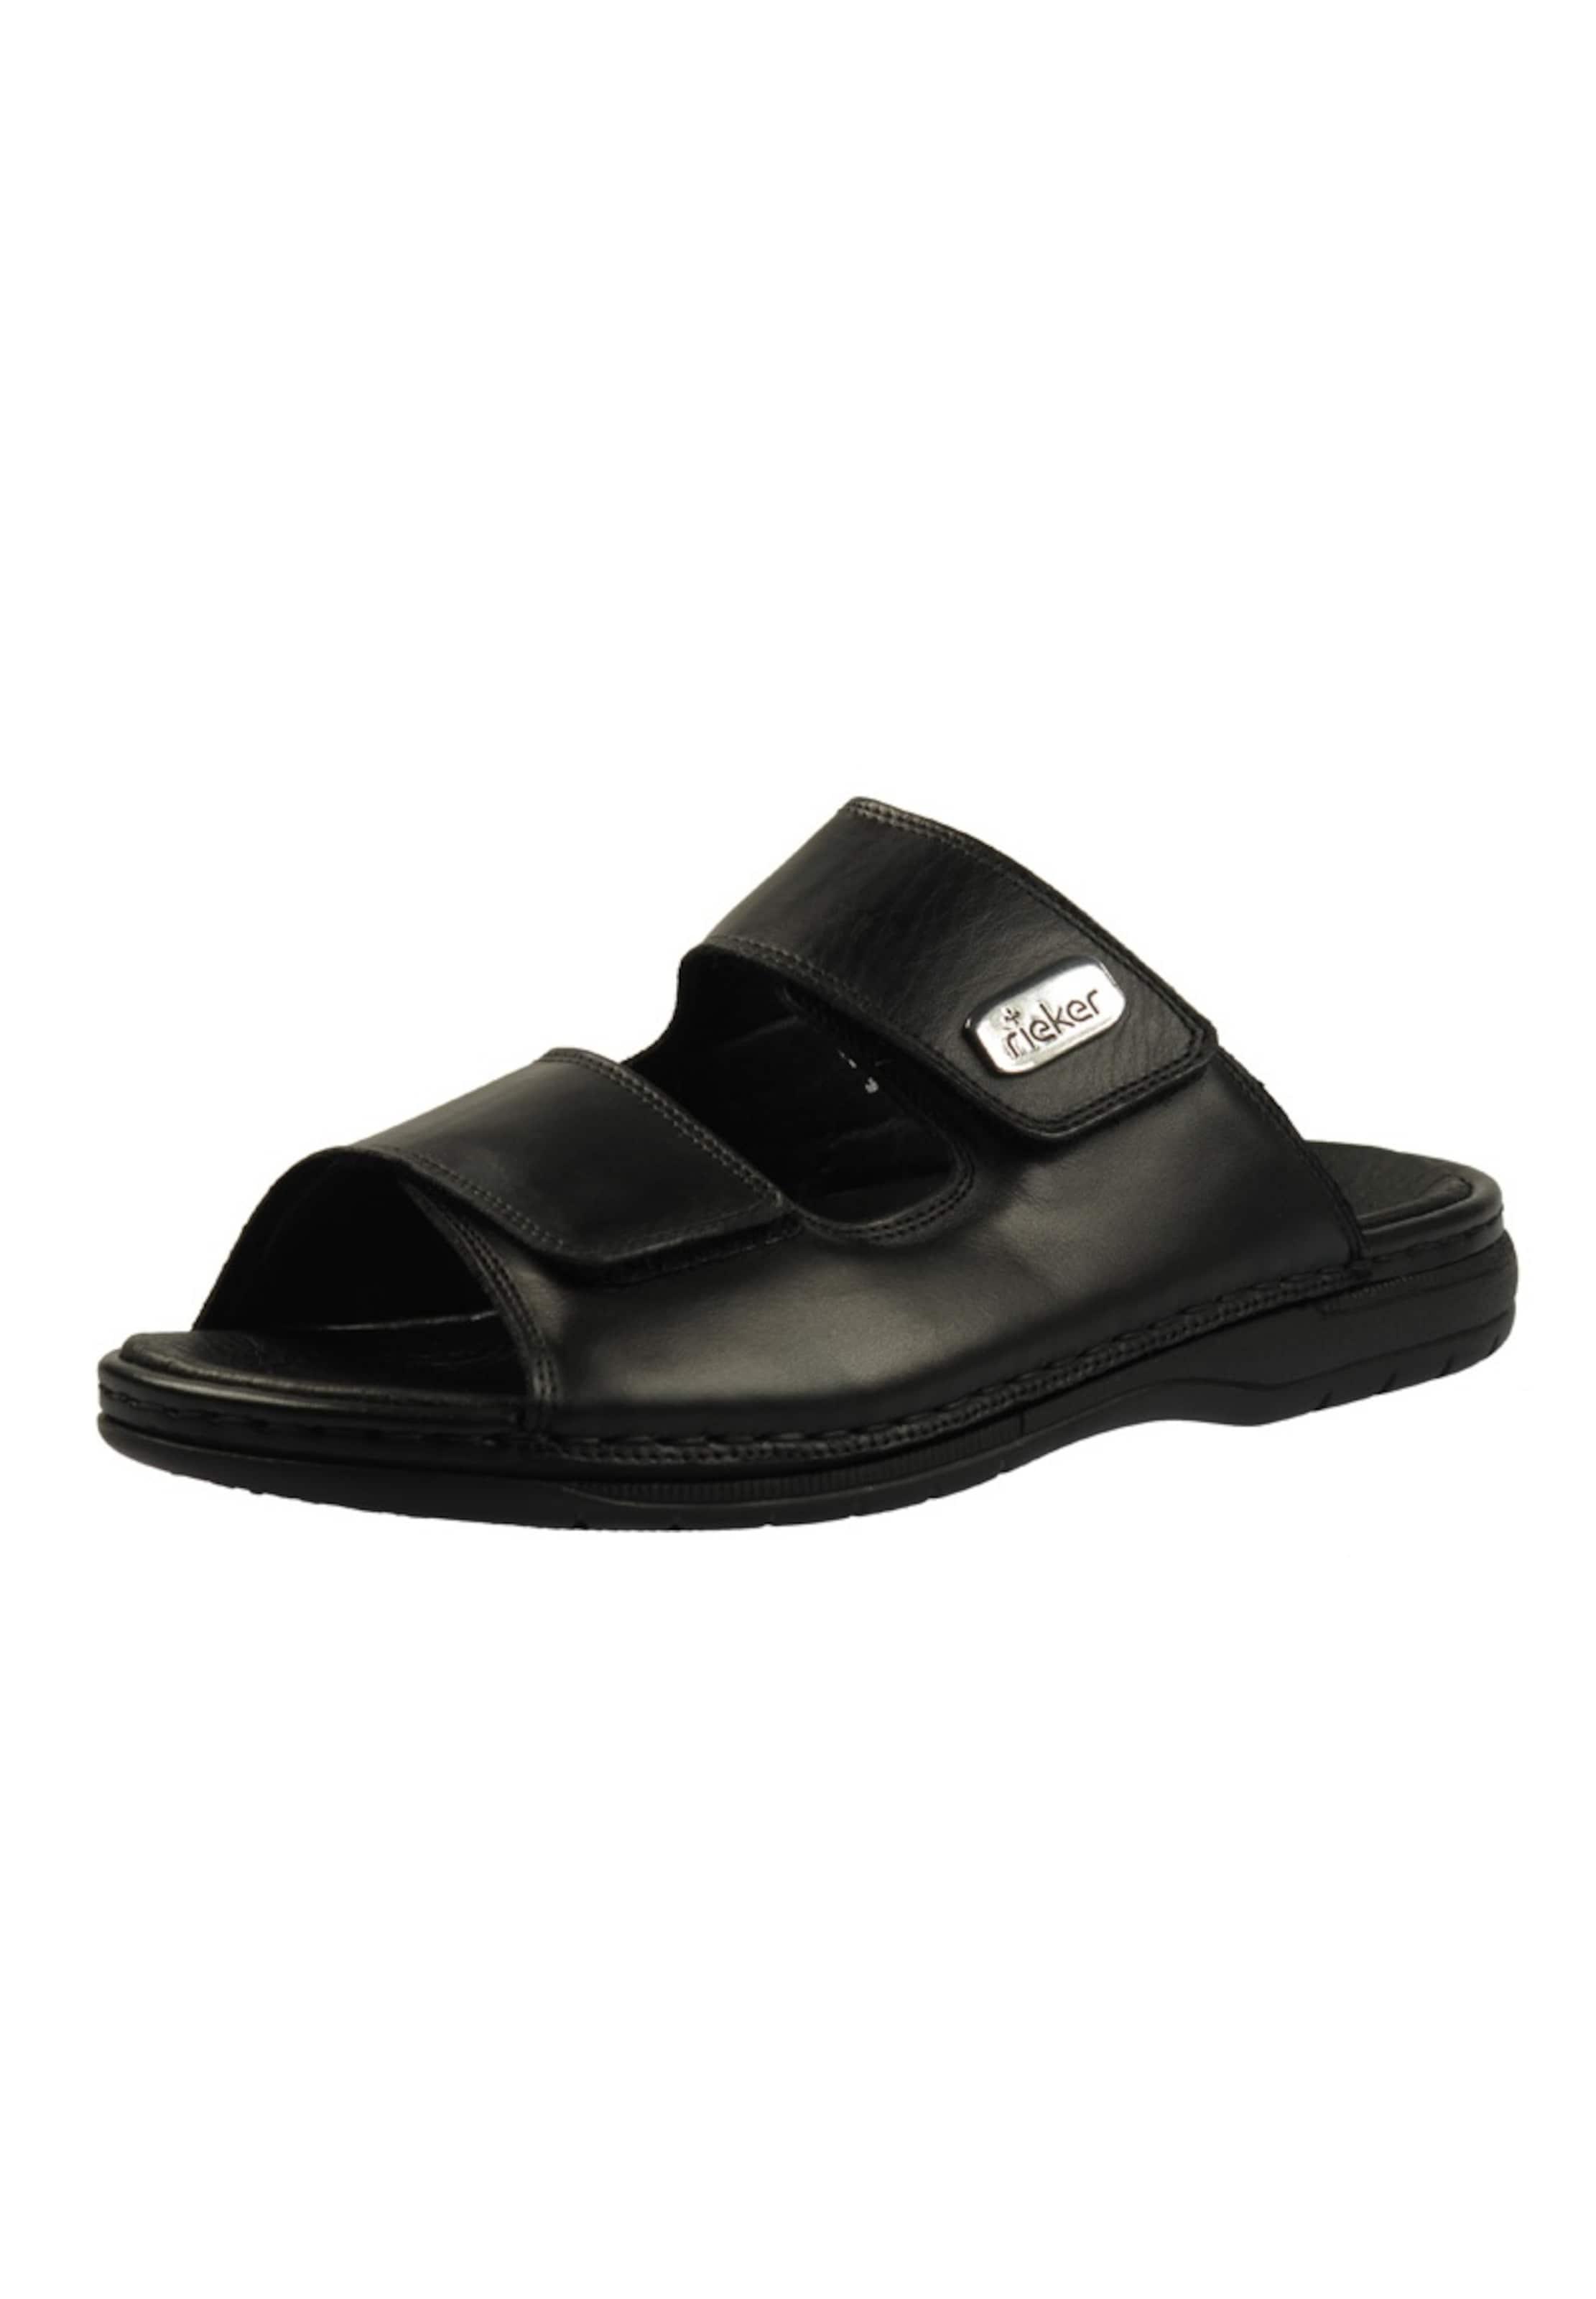 RIEKER Pantoletten Günstige und langlebige Schuhe